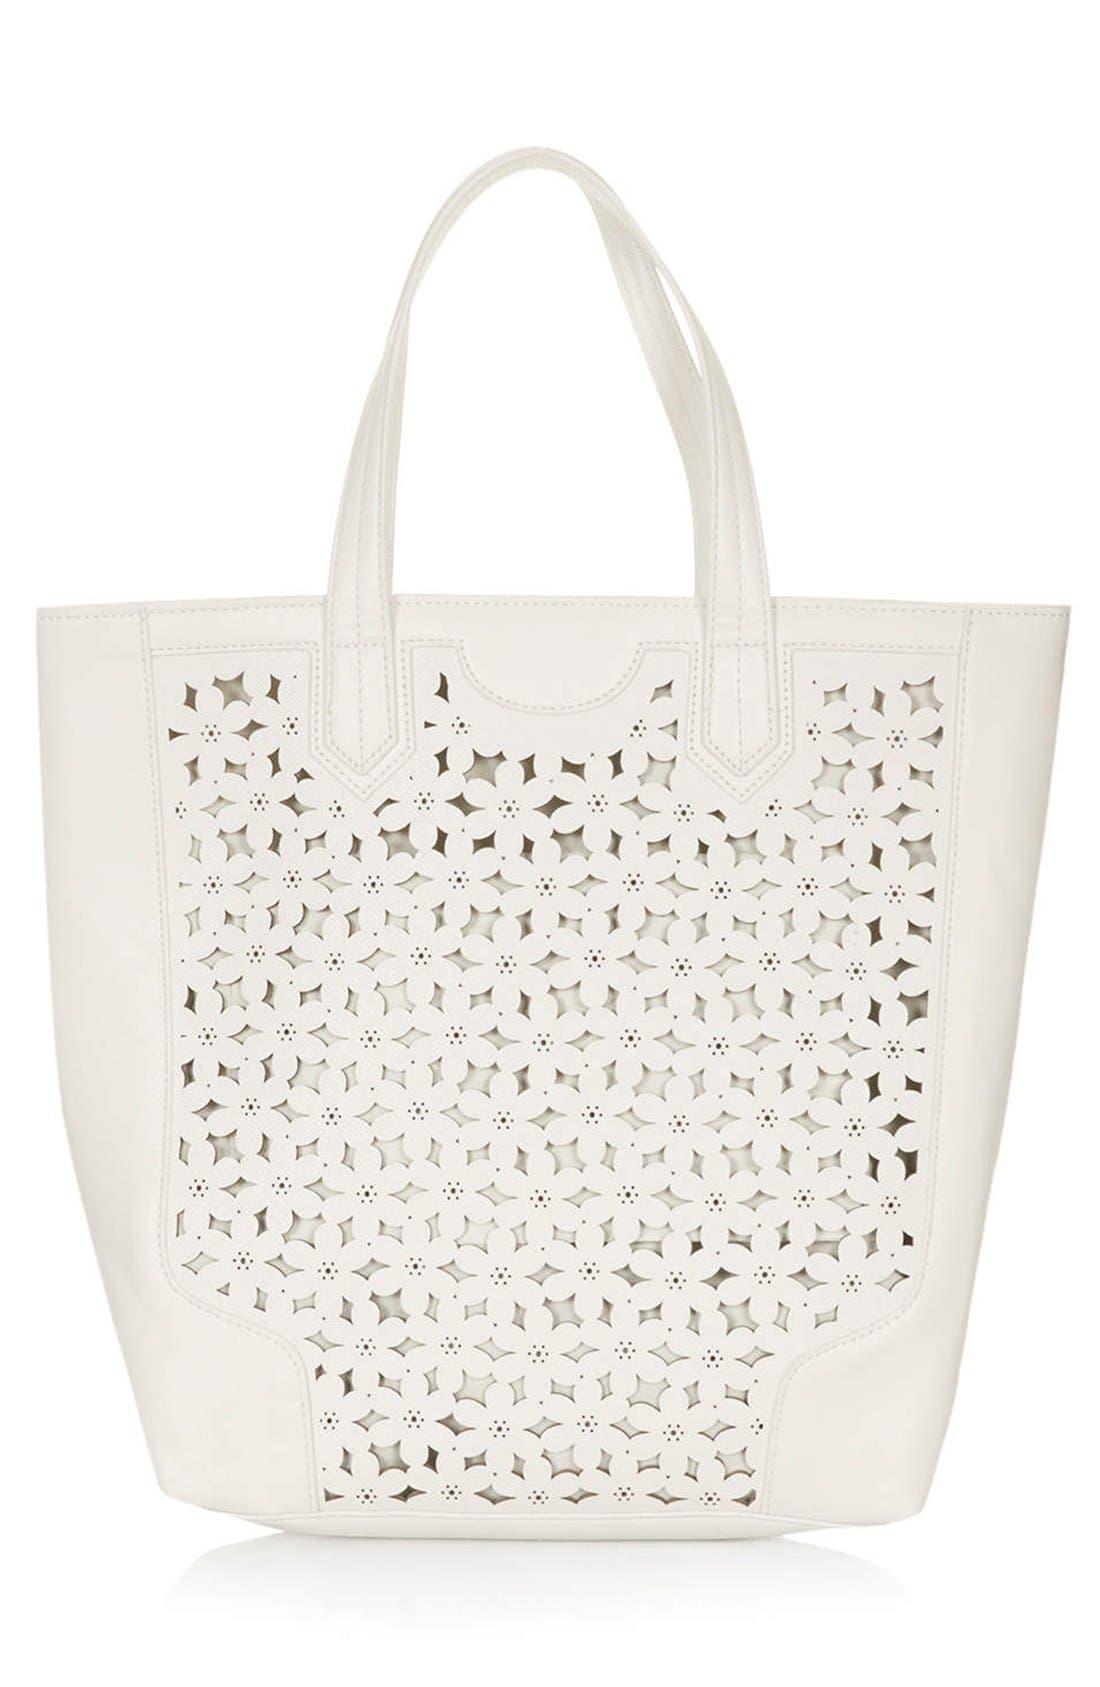 Main Image - Topshop Daisy Cutout Tote Bag